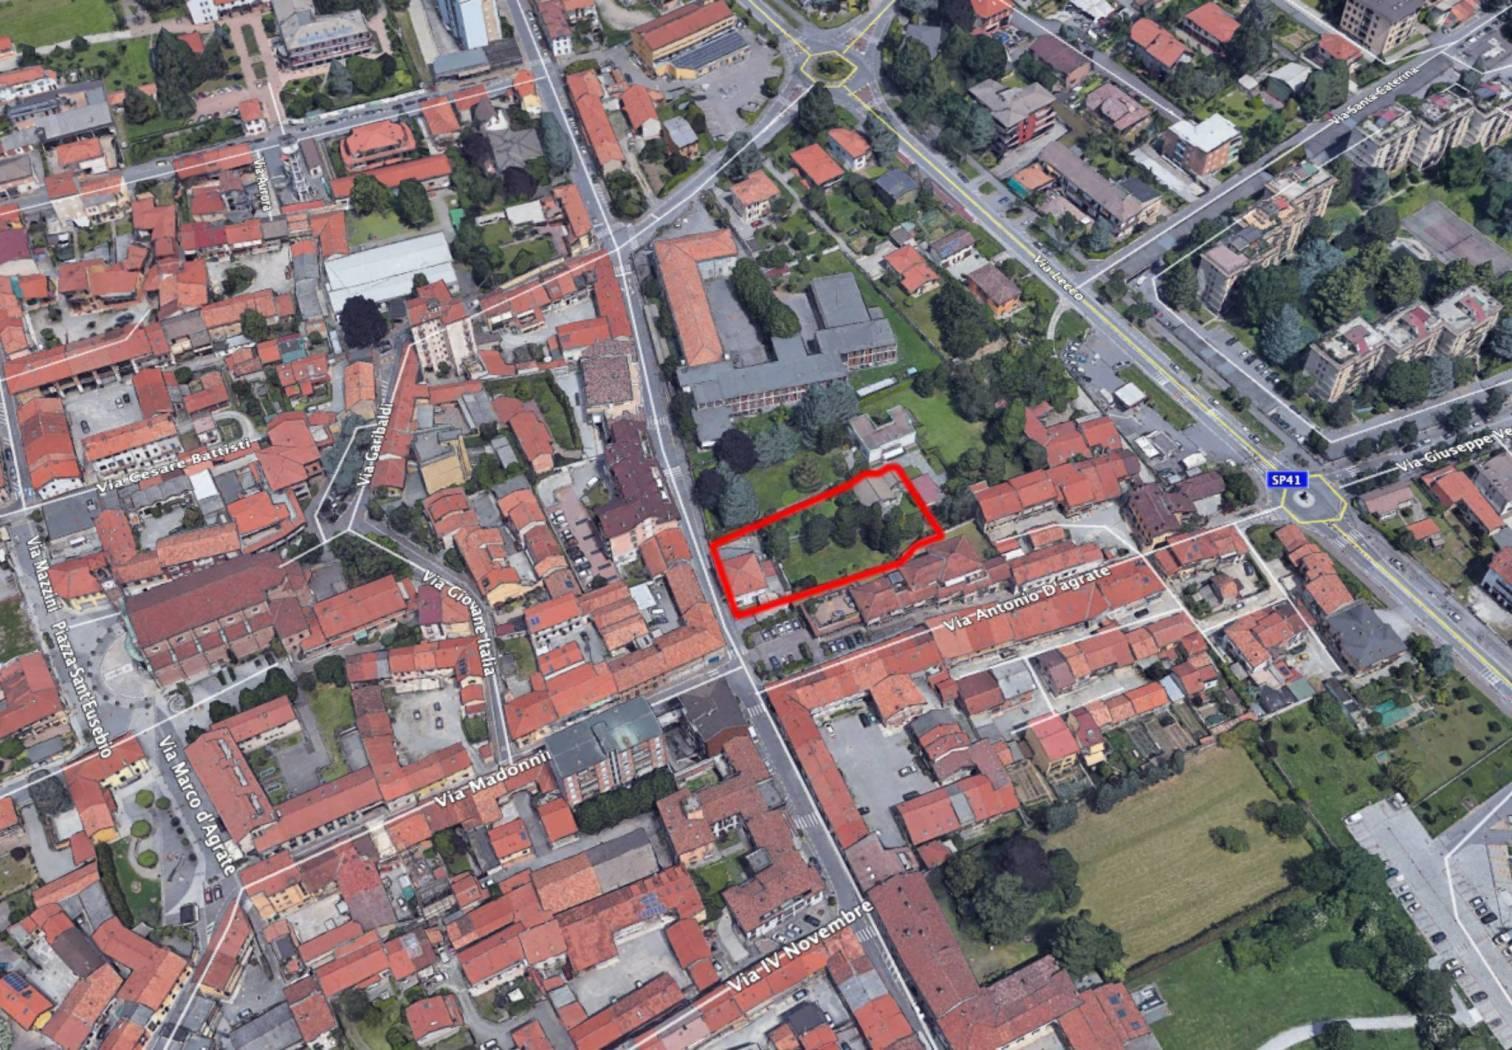 Foto 2 - Villetta a schiera in Vendita - Agrate Brianza (Monza e Brianza)